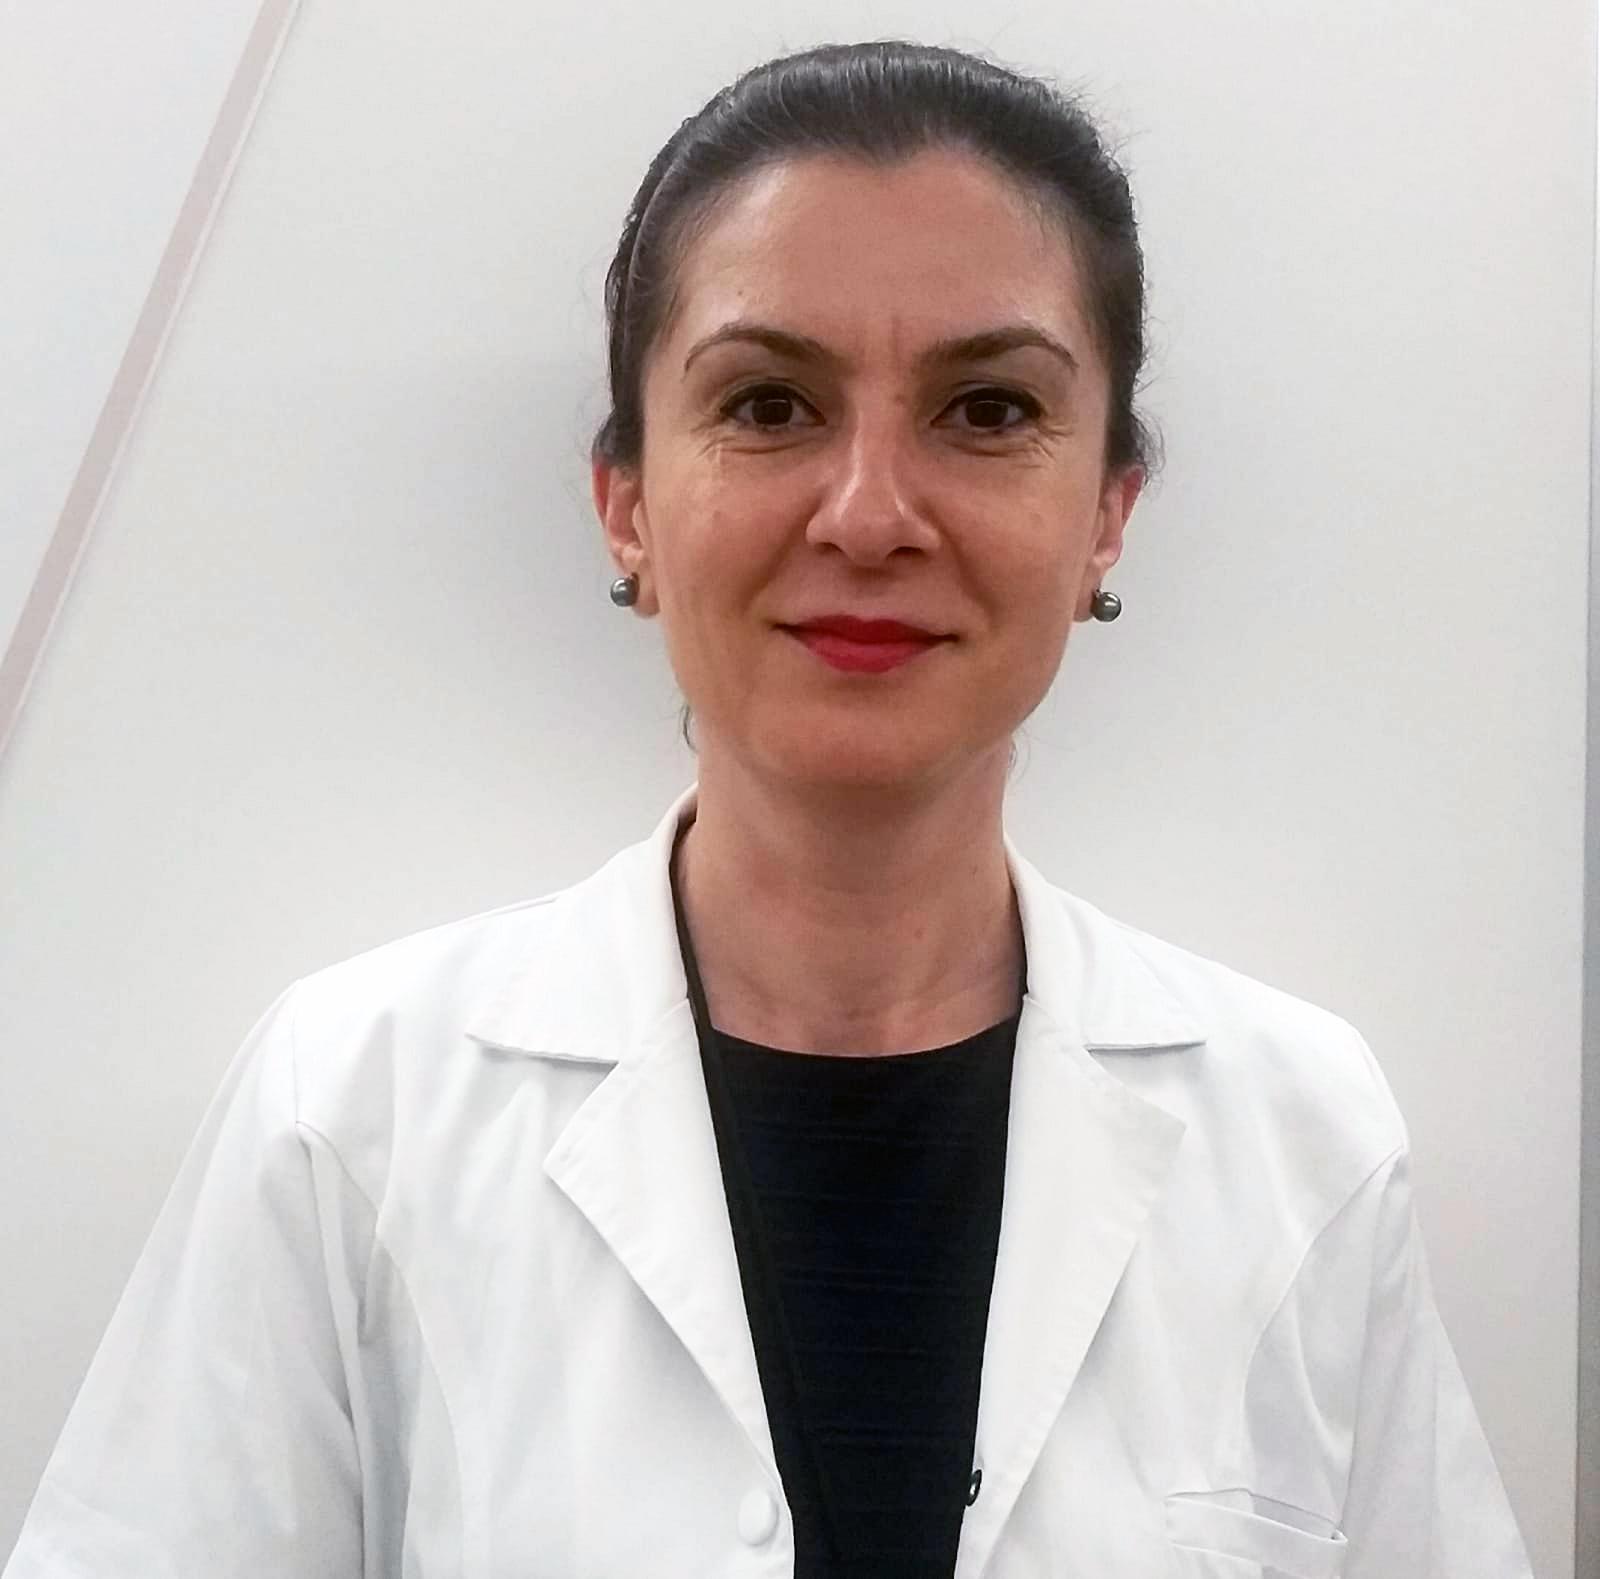 Dr. Blot Cristina Georgeta